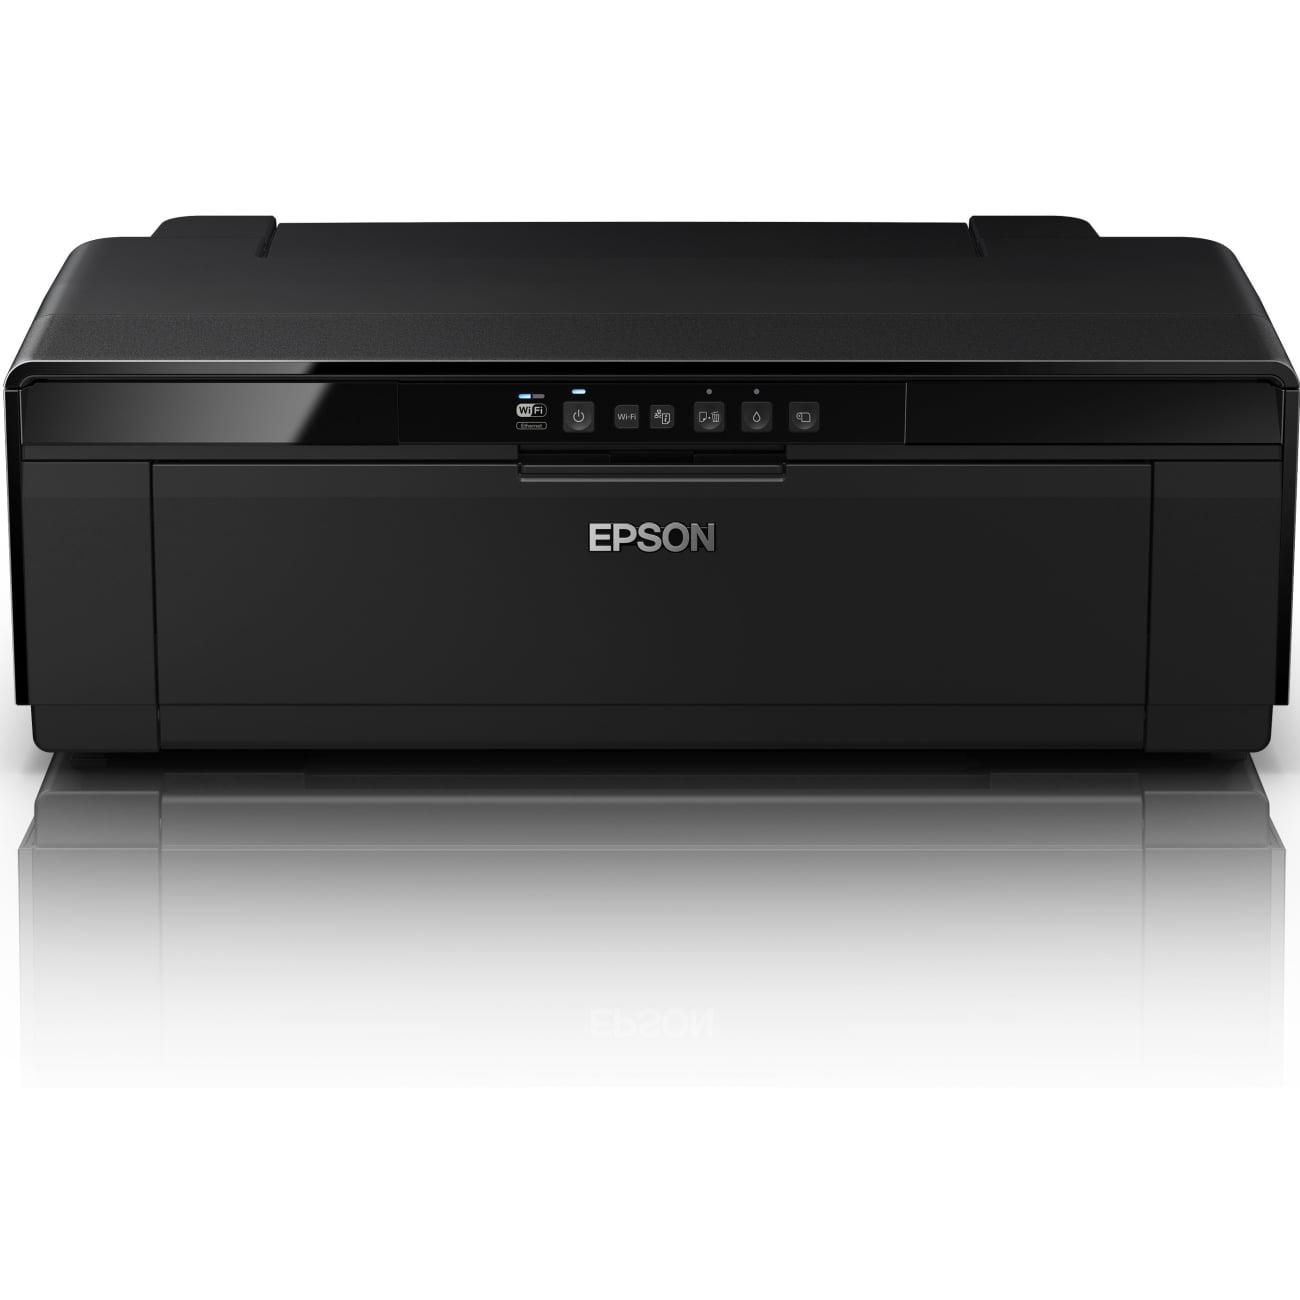 Epson Surecolor P400 Inkjet Printer Color 5760 X 1400 Dpi Print Plain Paper Print Desktop A4, Letter, Legal,... by Epson